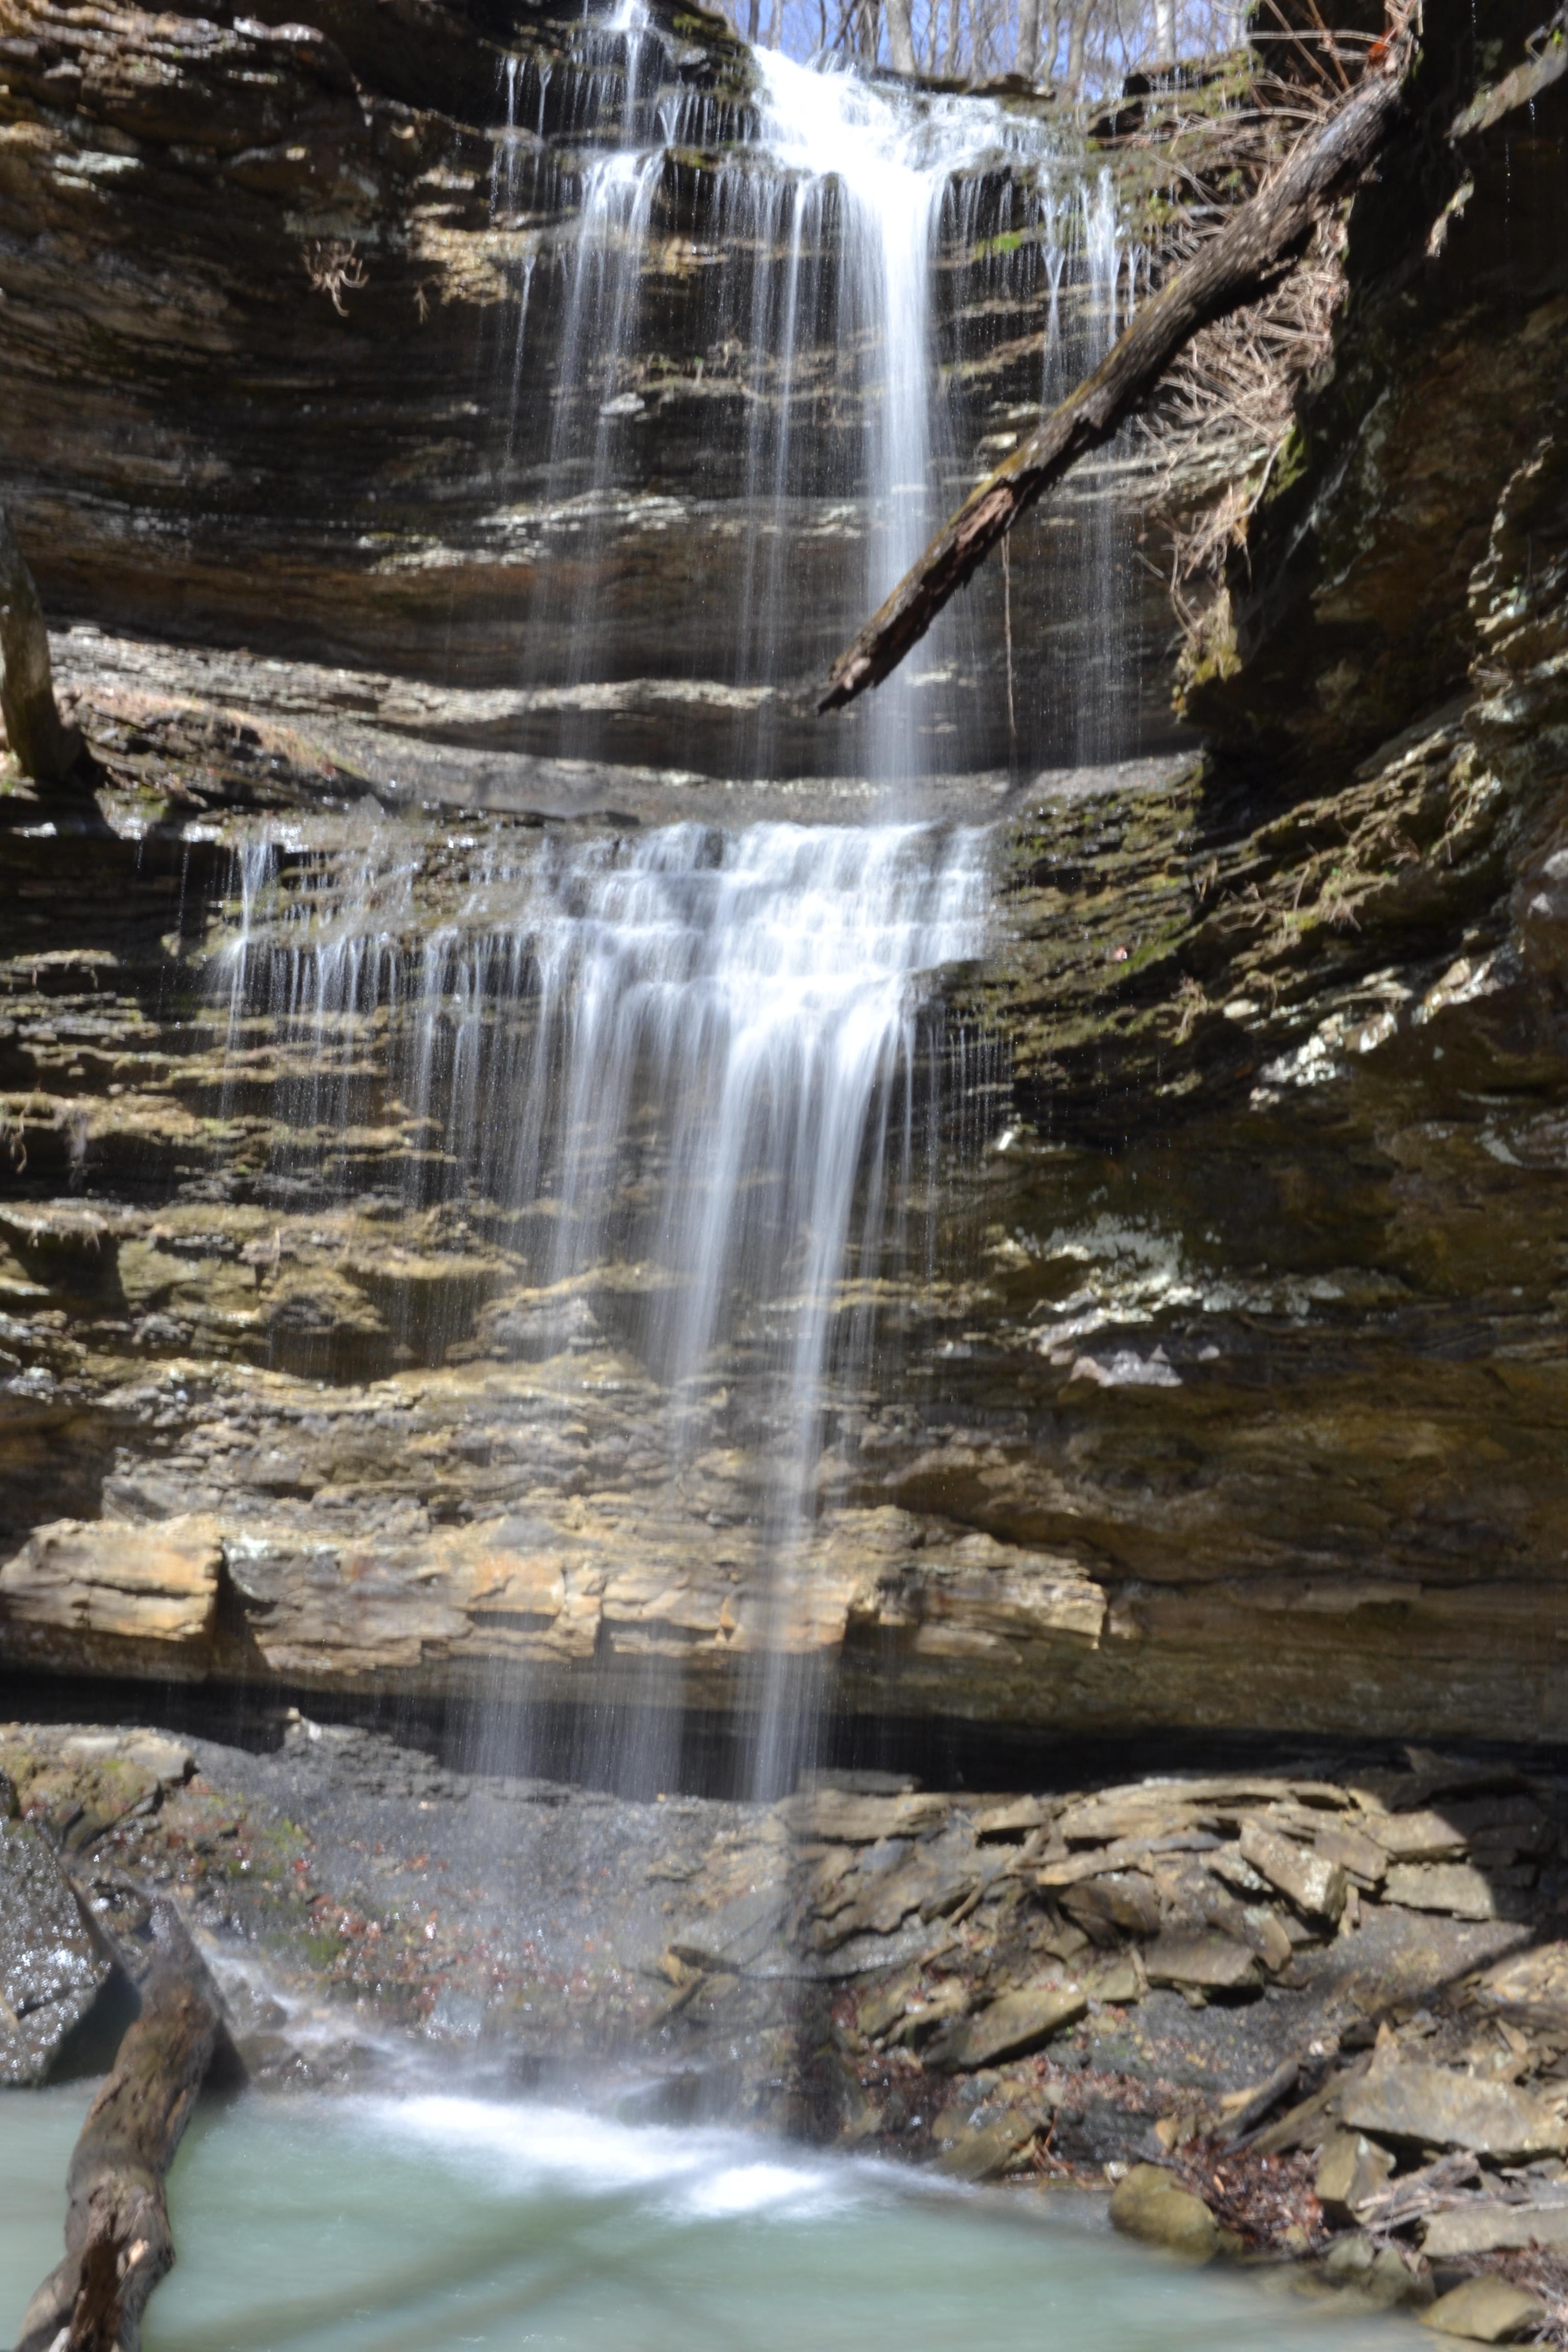 Exploring Arkansas June 2016 Accord Hollow Falls